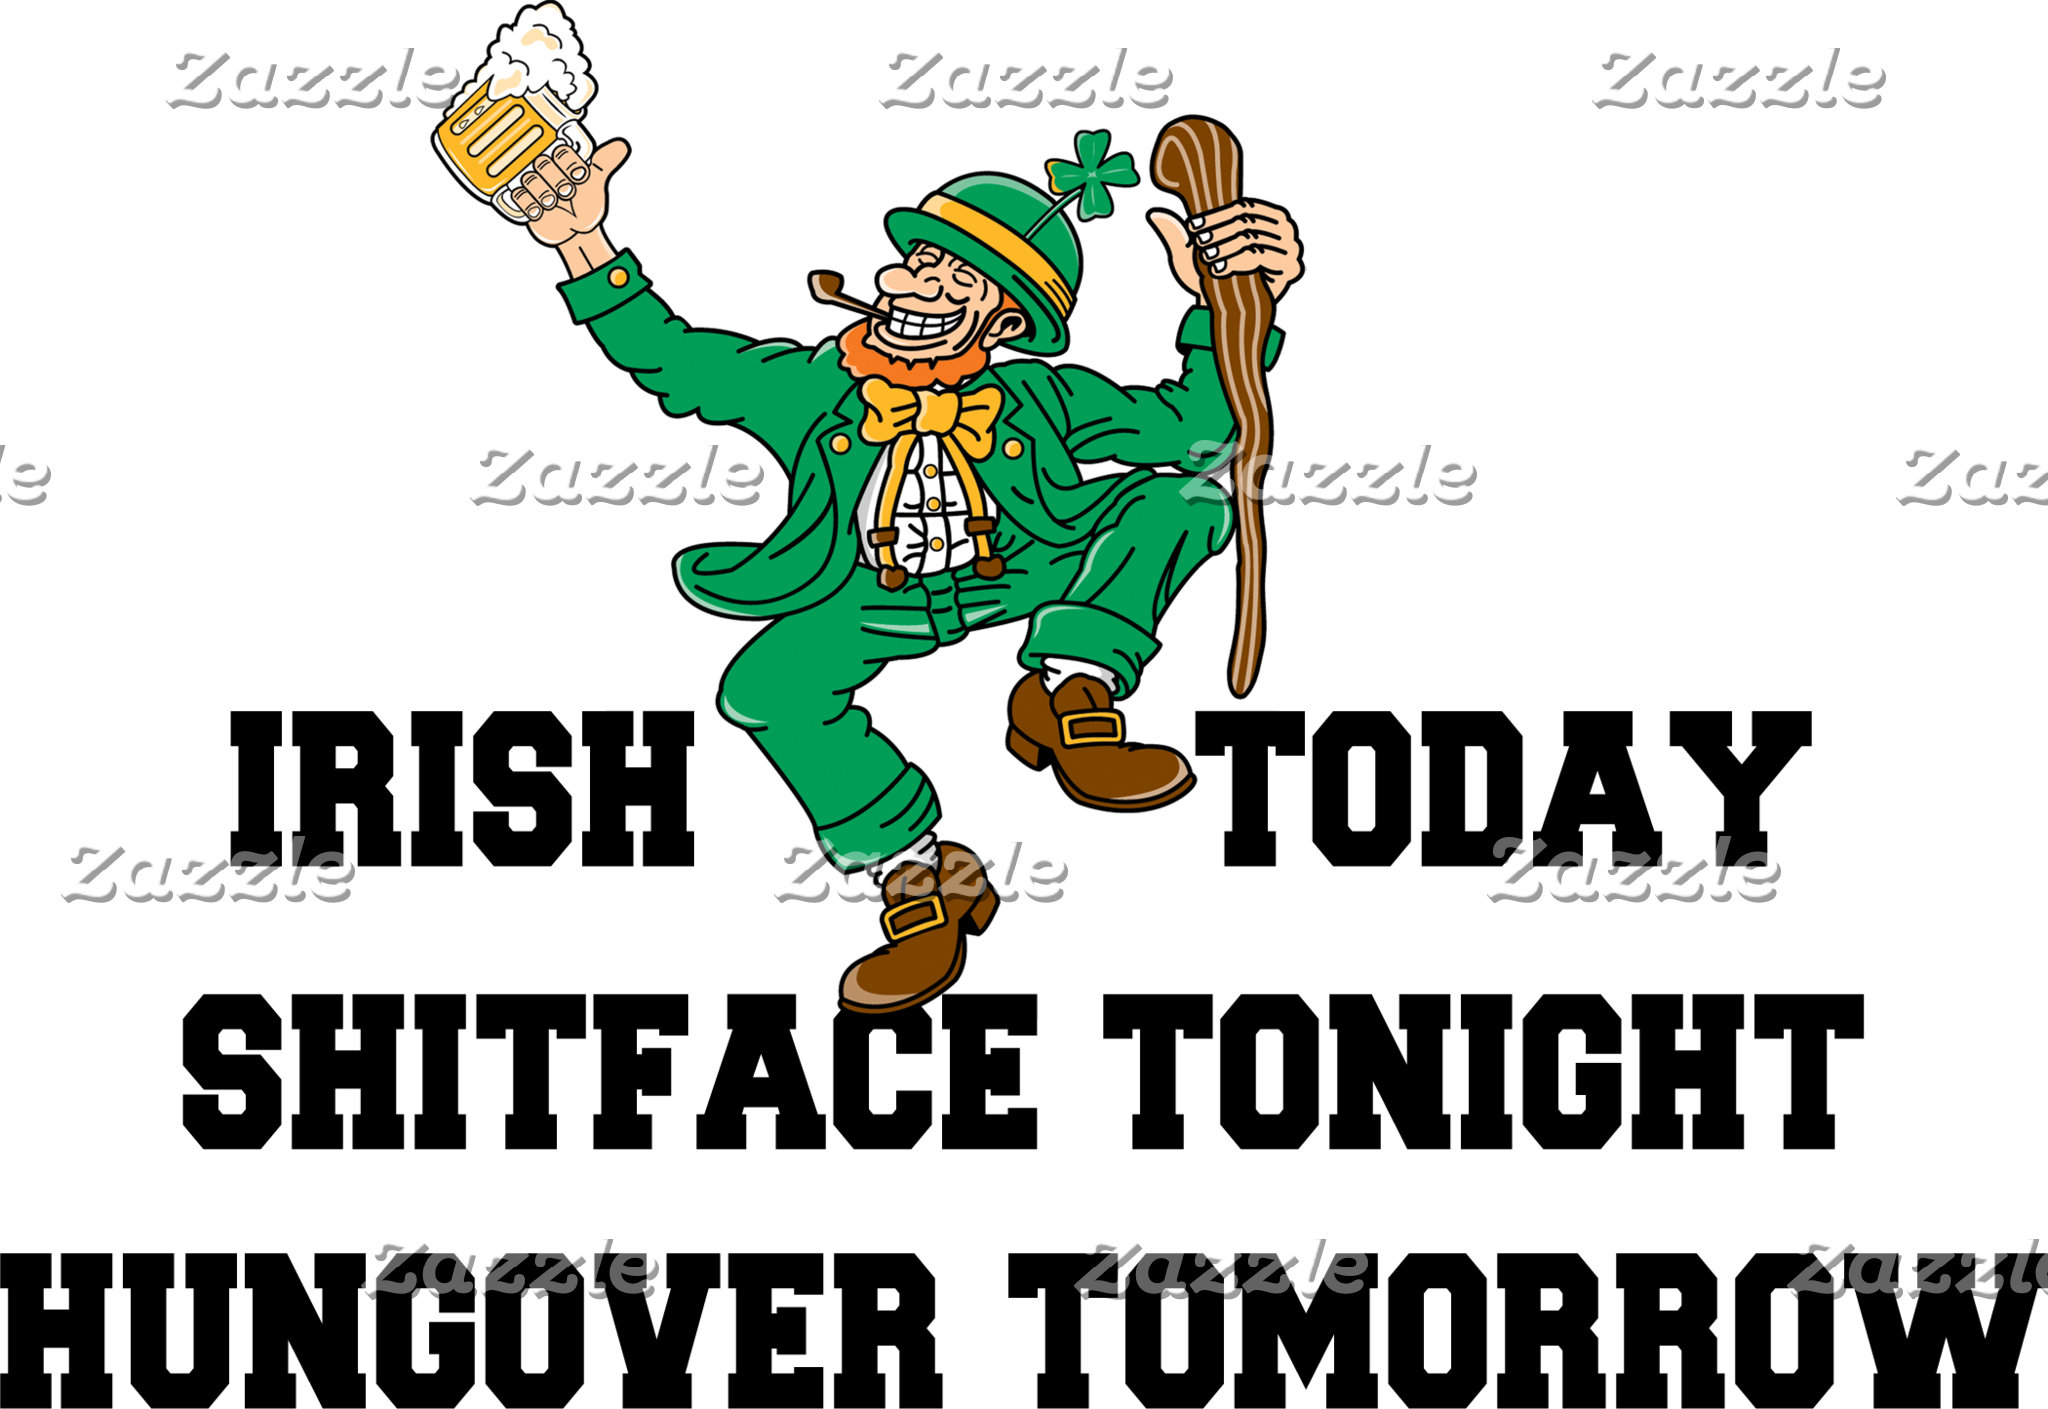 Funny Irish Today T-Shirts